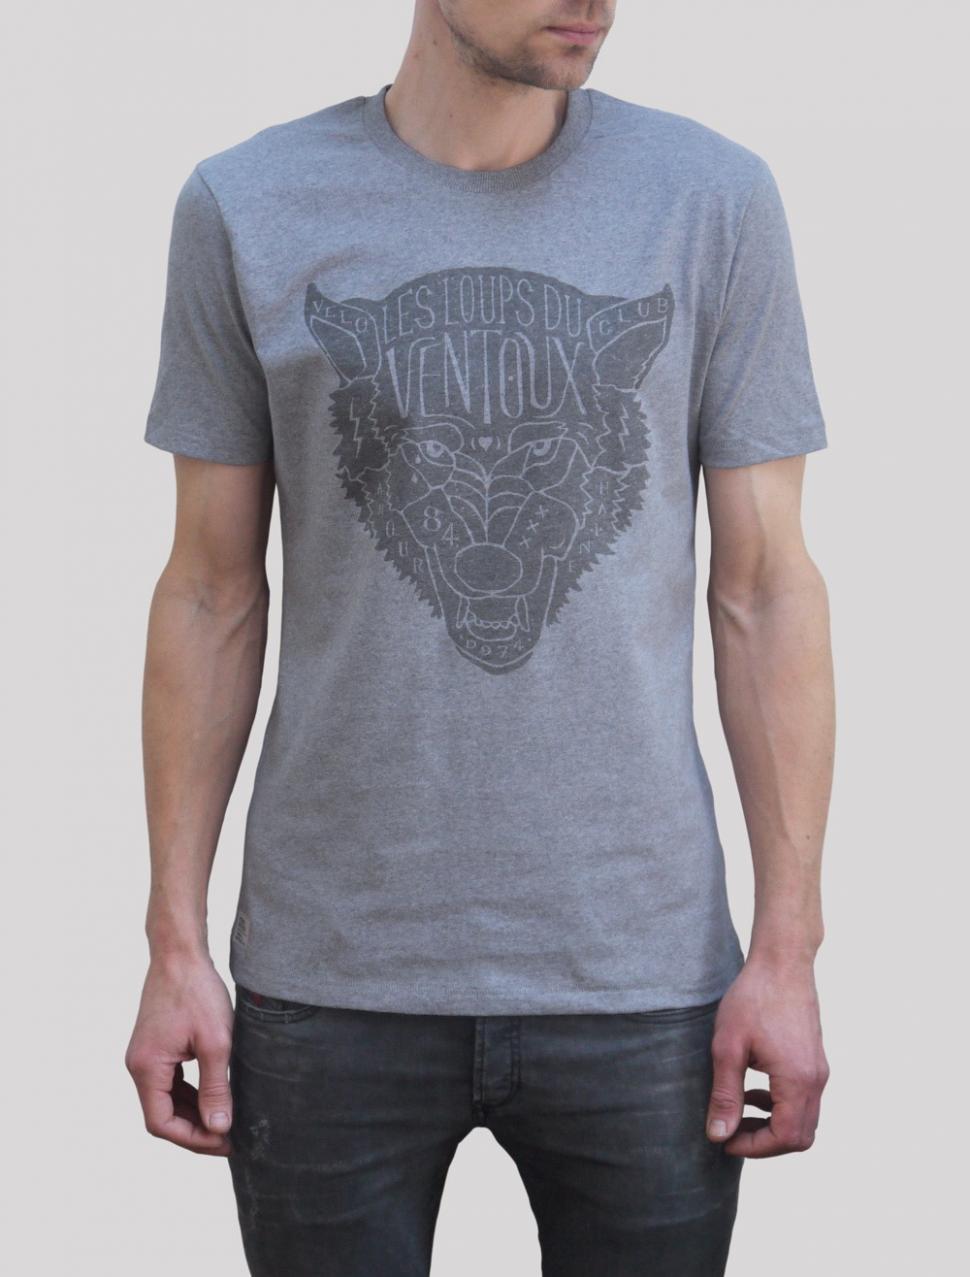 Whitstable-wolves-of-ventoux-original-tshirt468.jpg